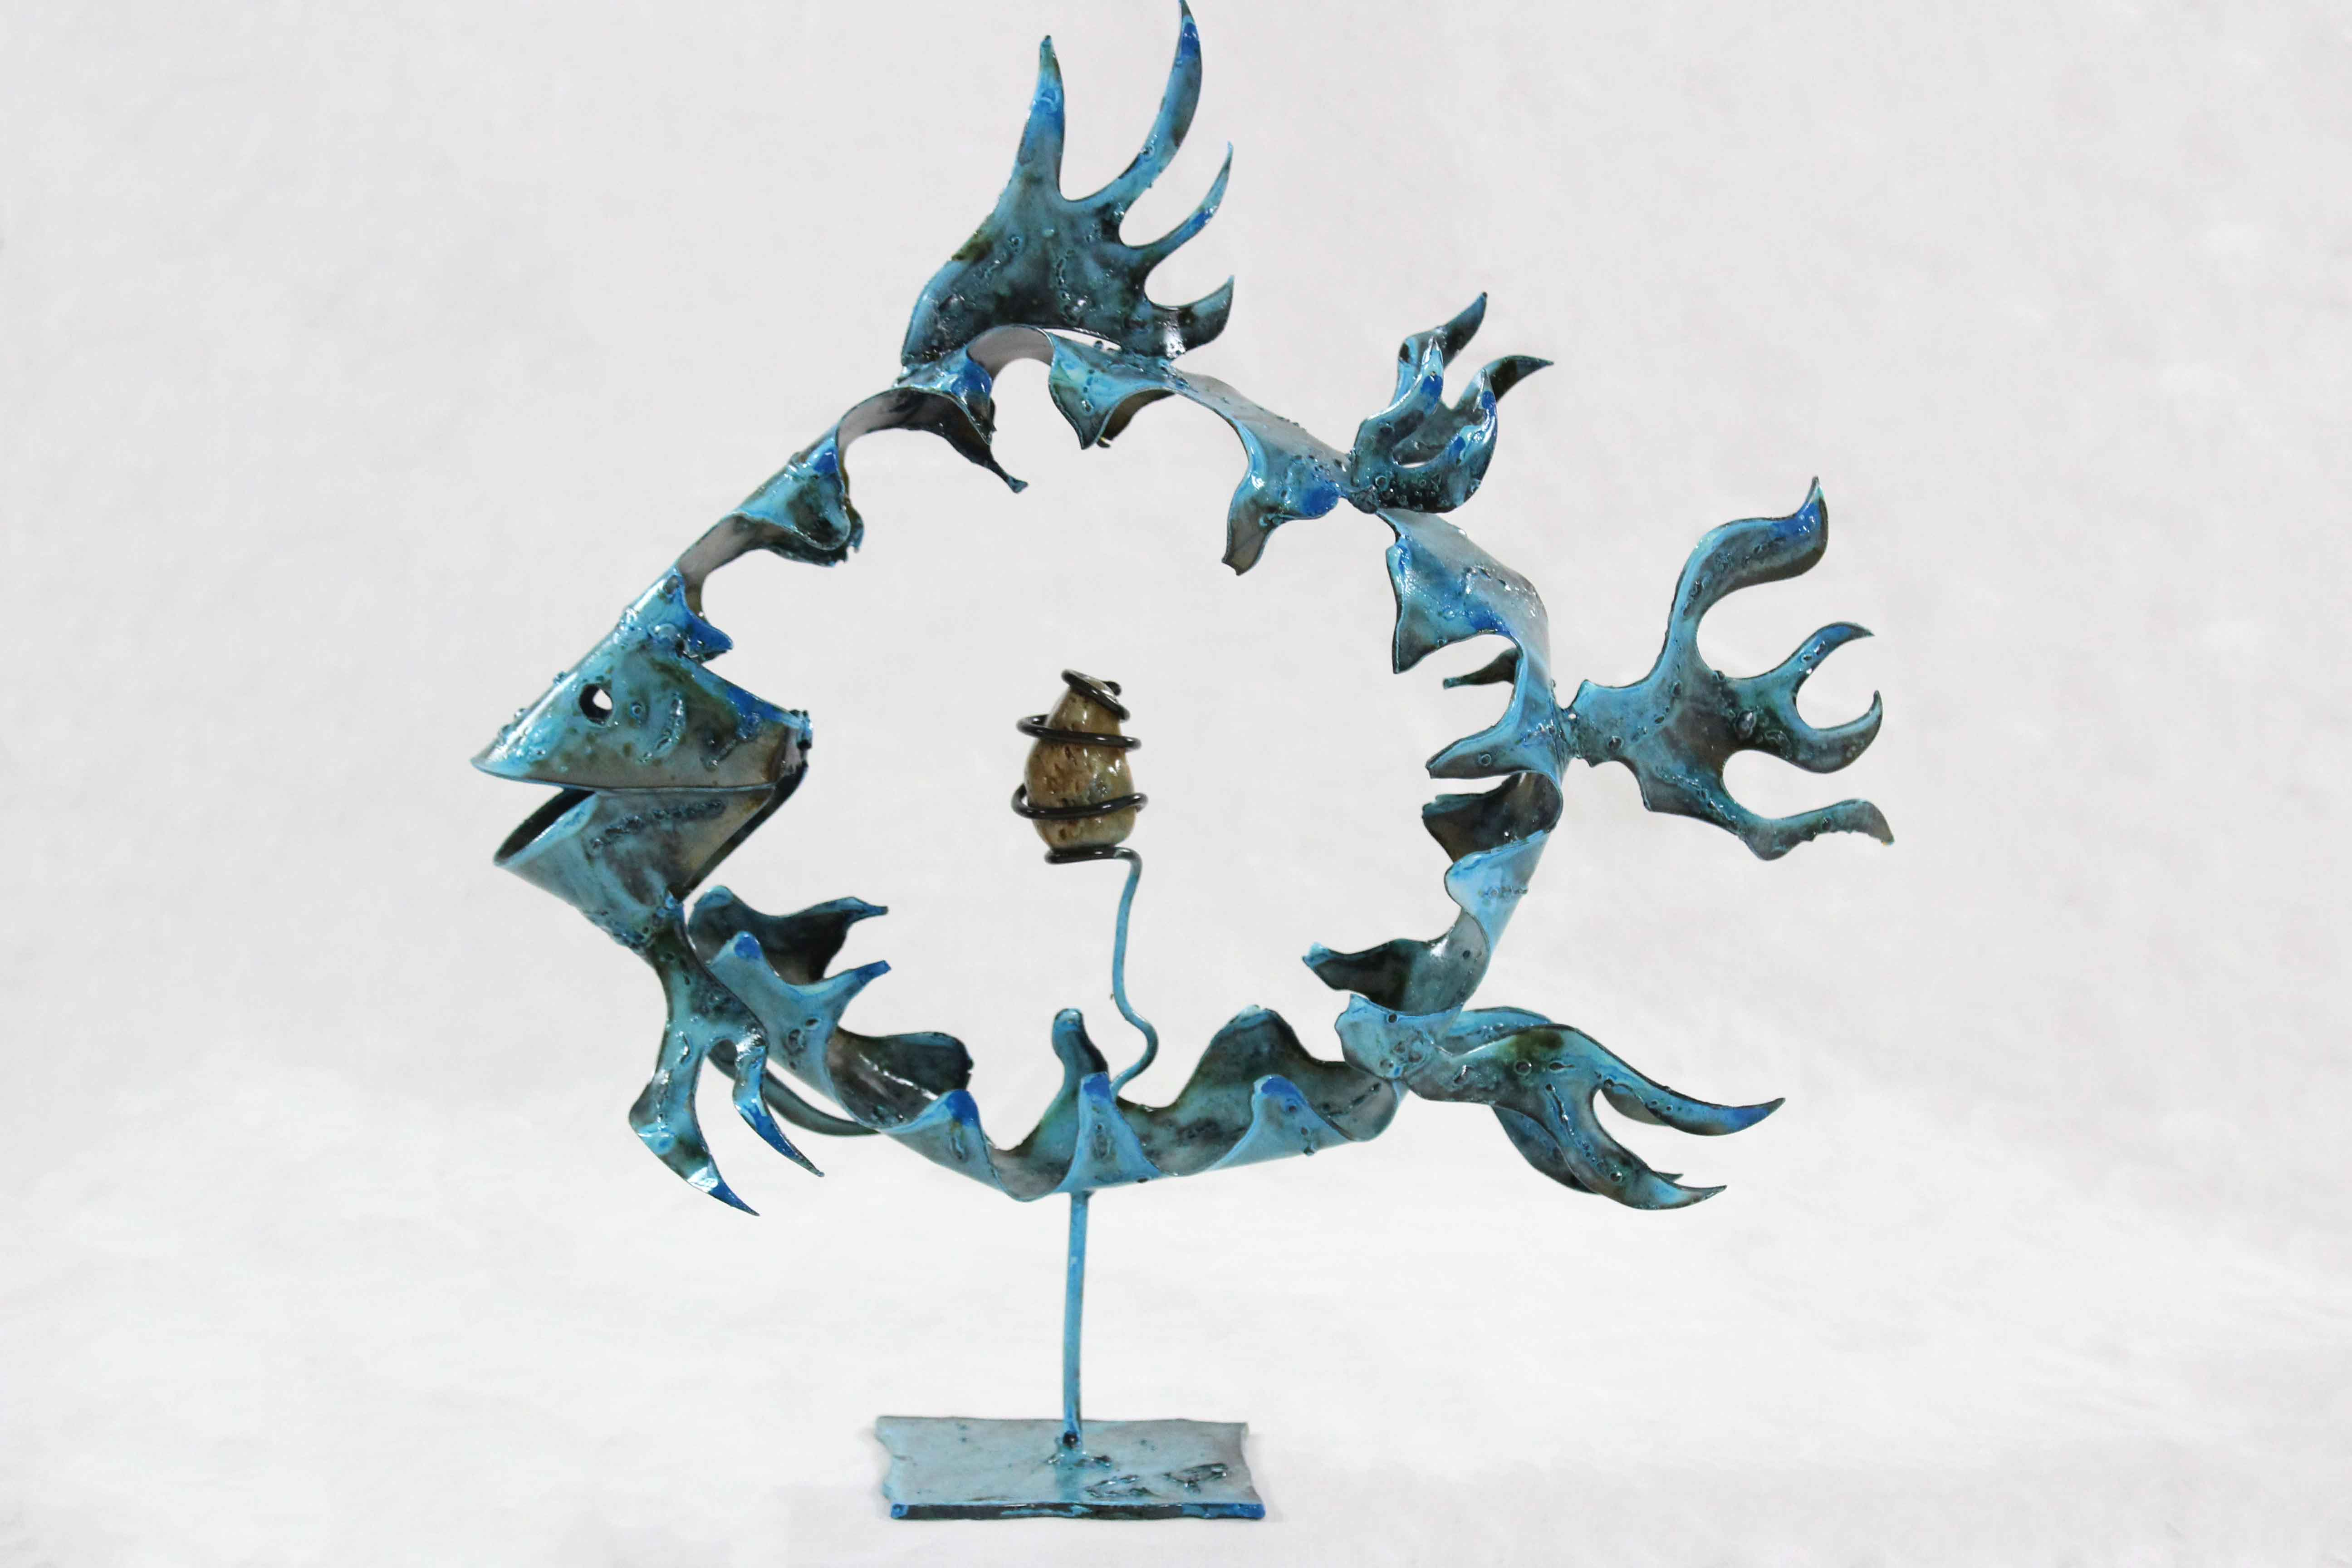 Poisson bleu en métal - Guy Fautsch Sculpture